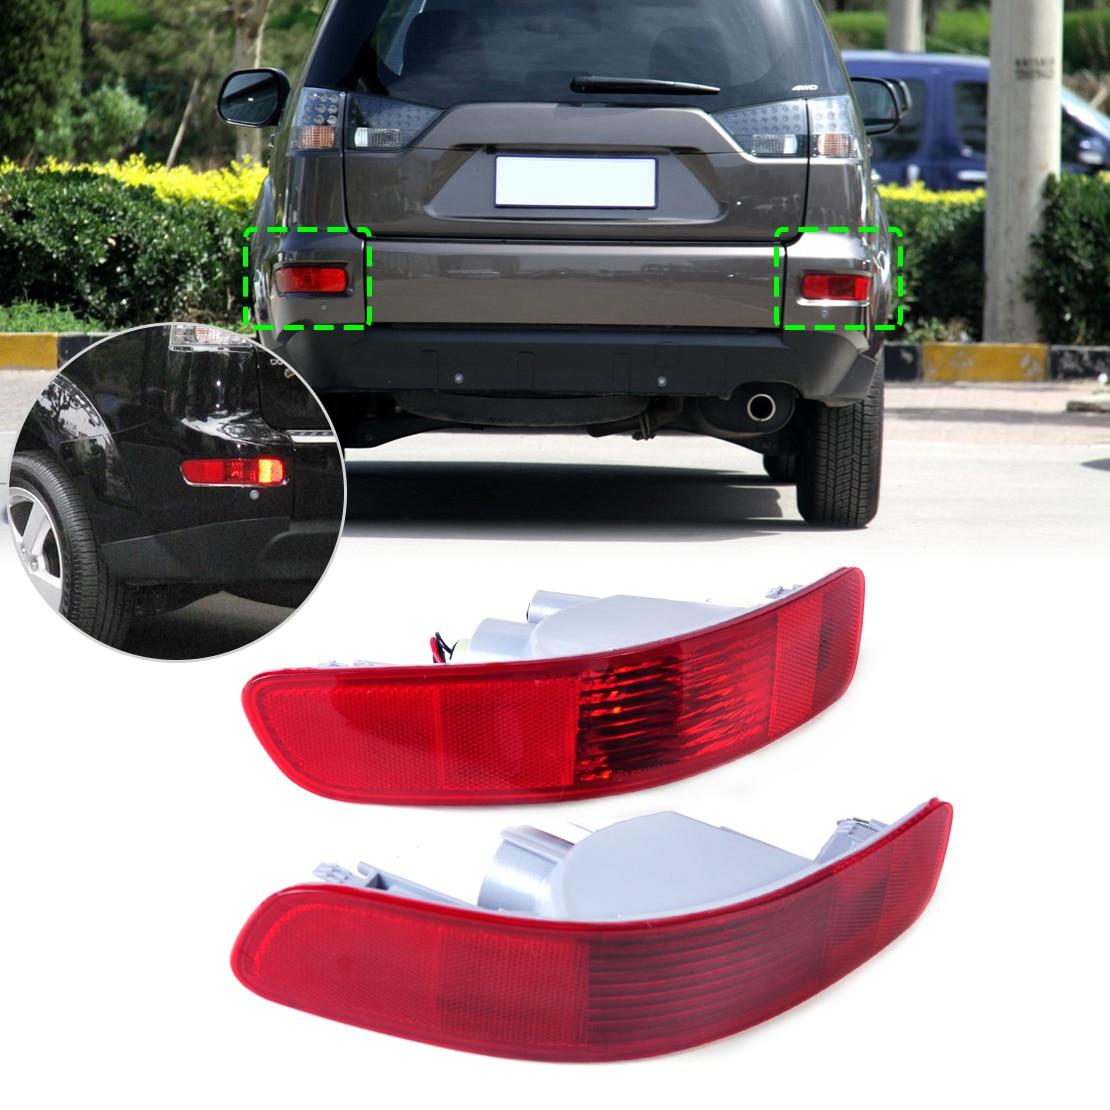 Beler 2x Arrière Droite Gauche Tail Fog Light Lampe Réflecteur 8352A005 8337A015 pour Mitsubishi Outlander 2007 2008 2009 2010 2011 2012